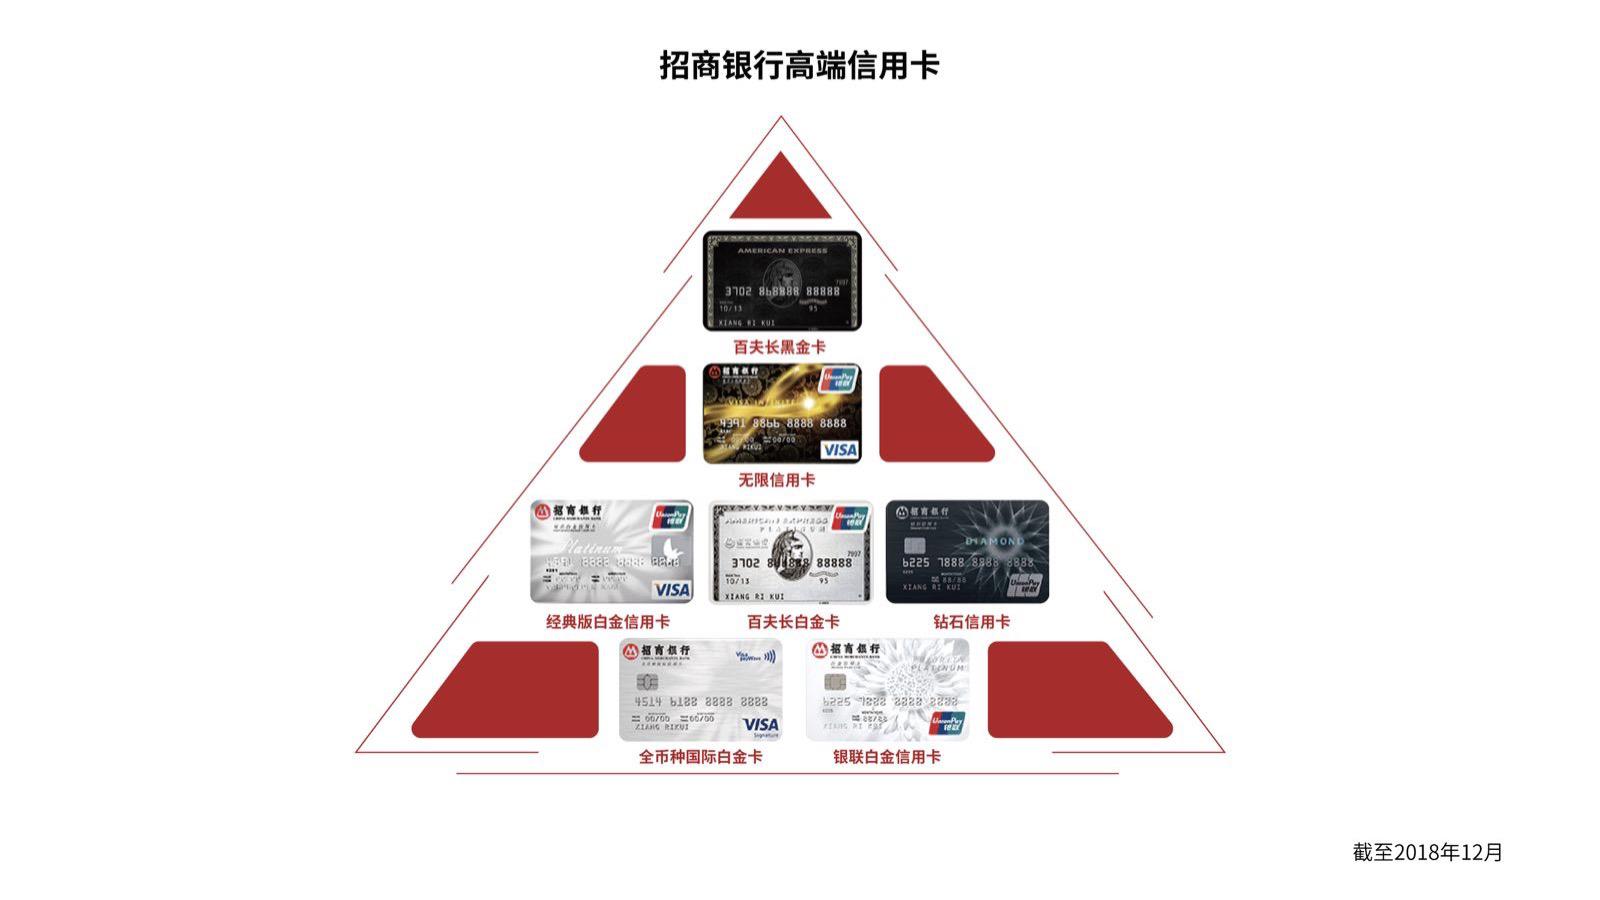 """招行信用卡再度荣膺""""最受千万富豪青睐的信用卡""""称号"""